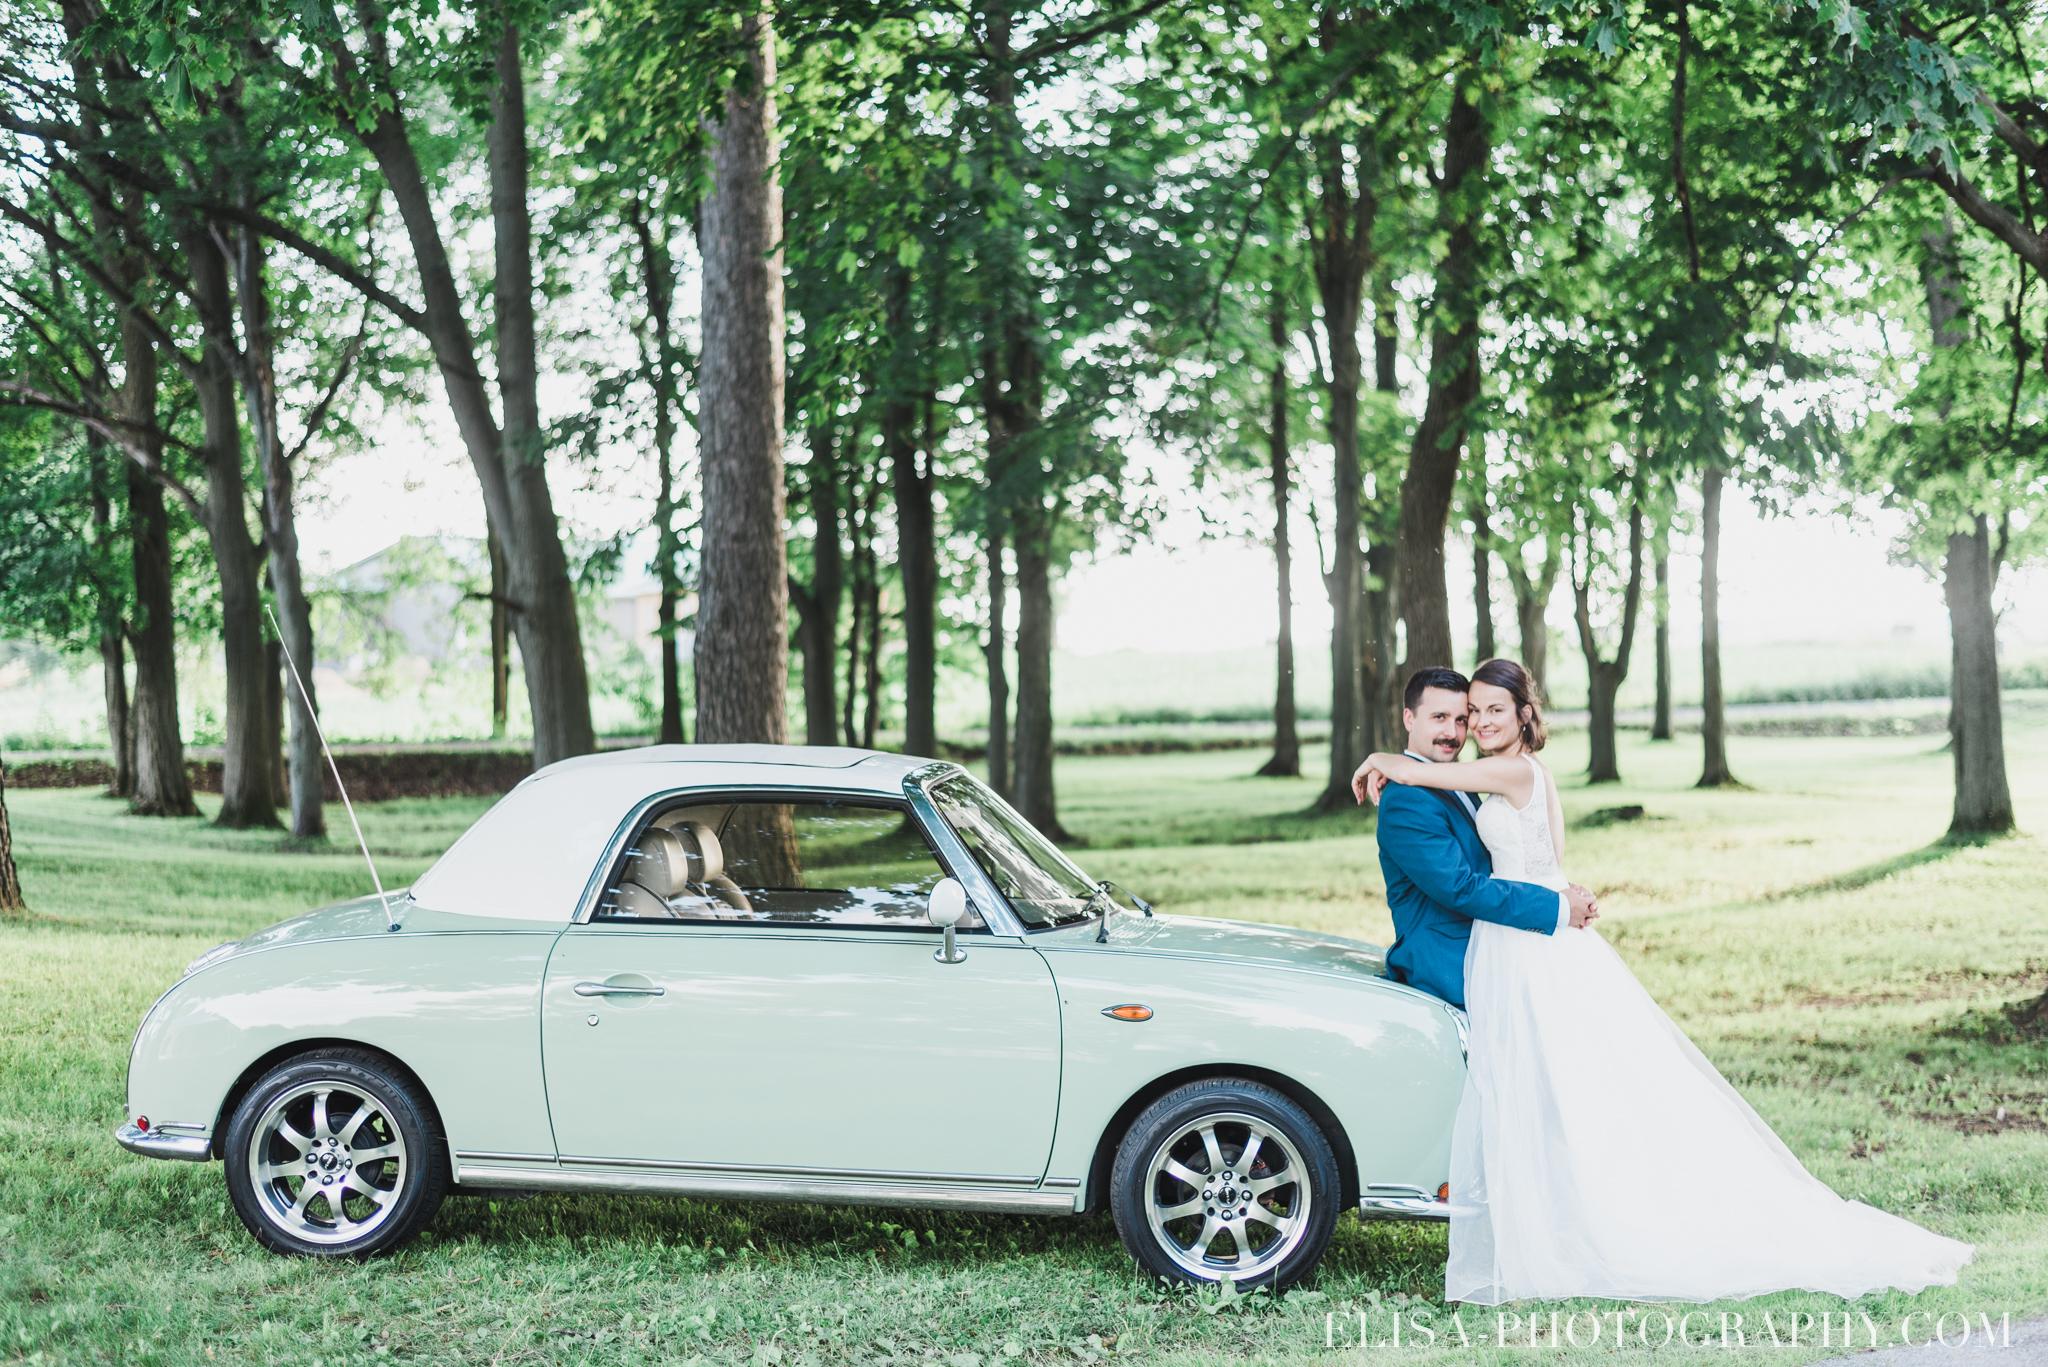 photo mariage portrait des mariés vielle auto époque antiquité vieux presbytère batiscan 3325 - Galerie photos de mariage